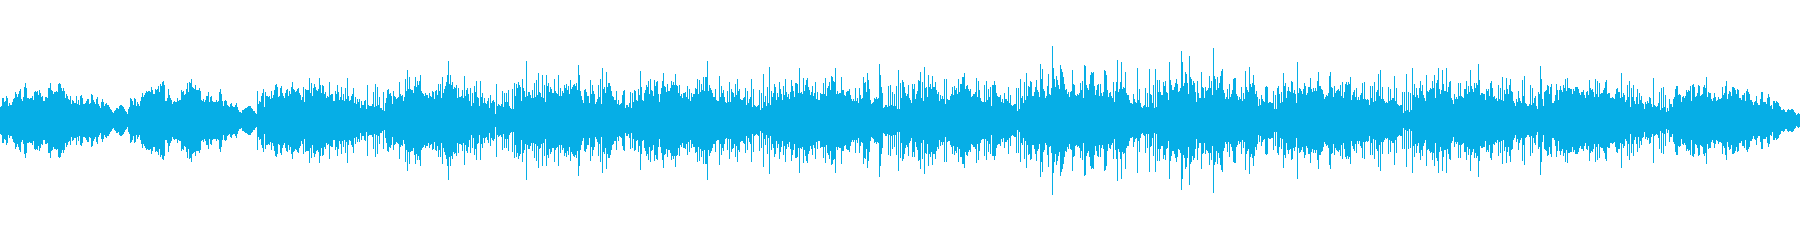 少し気だるげなループ曲の再生済みの波形